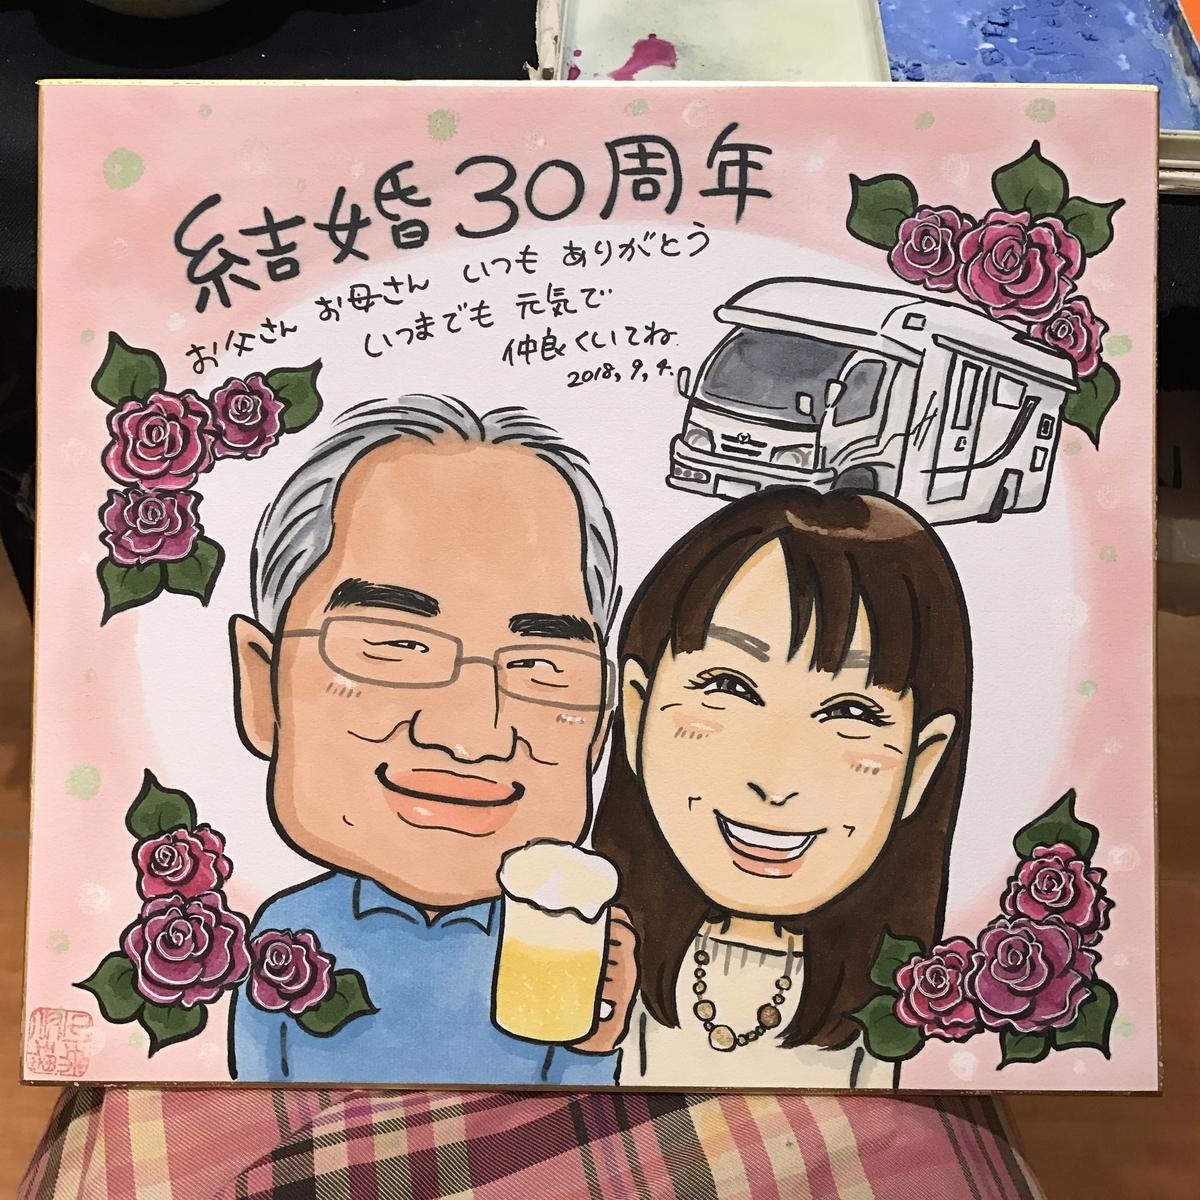 結婚30周年の似顔絵